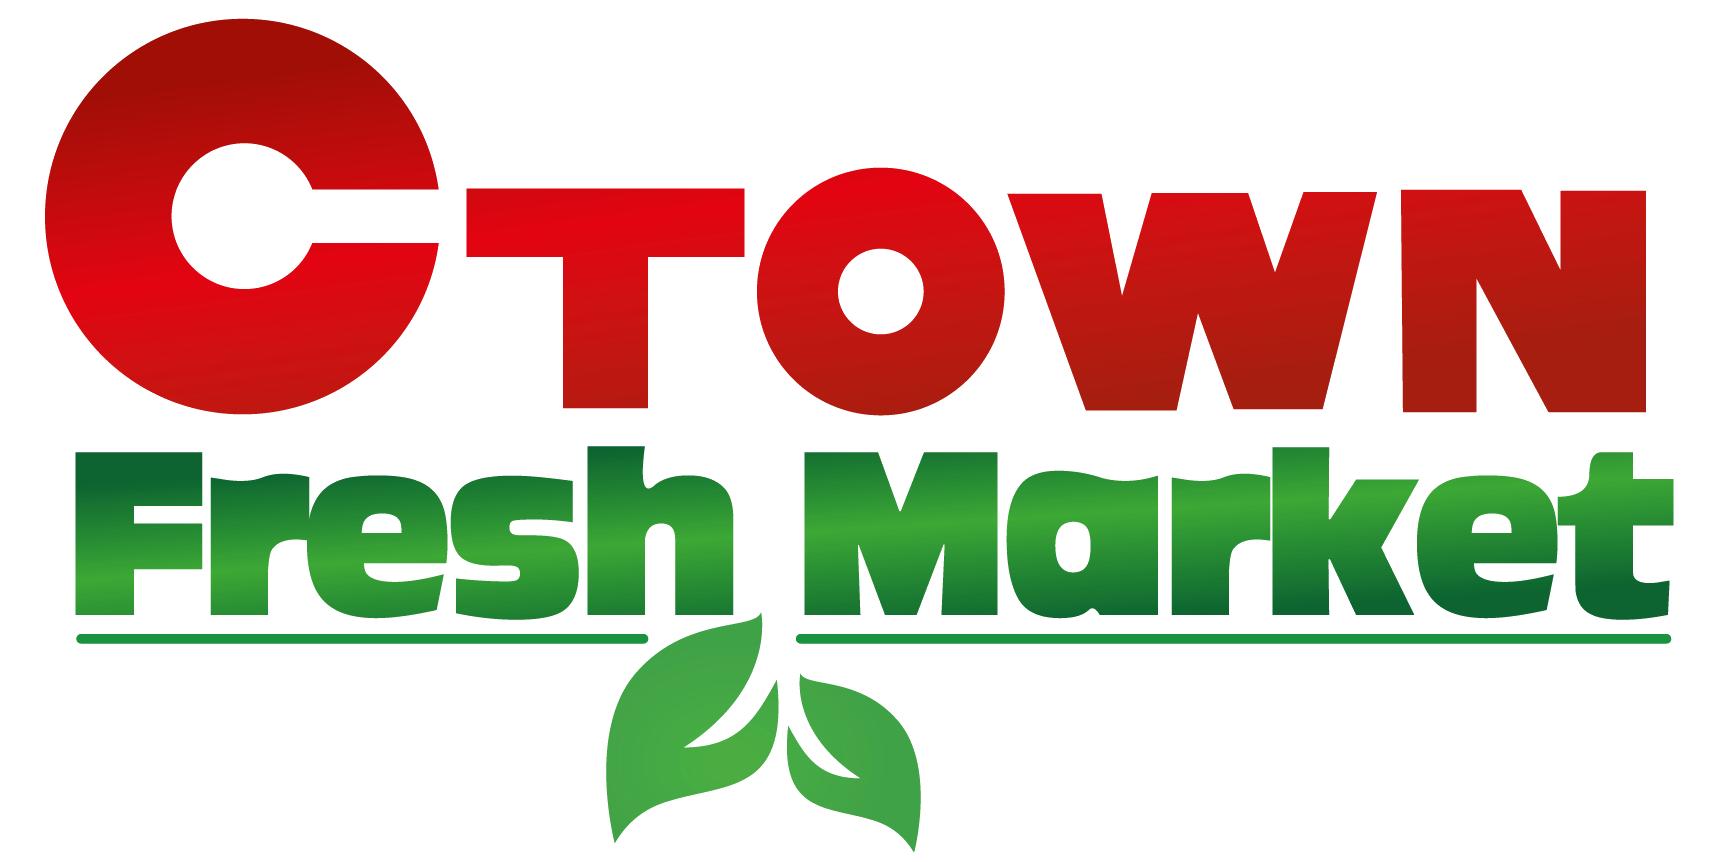 Ctown Fresh 125